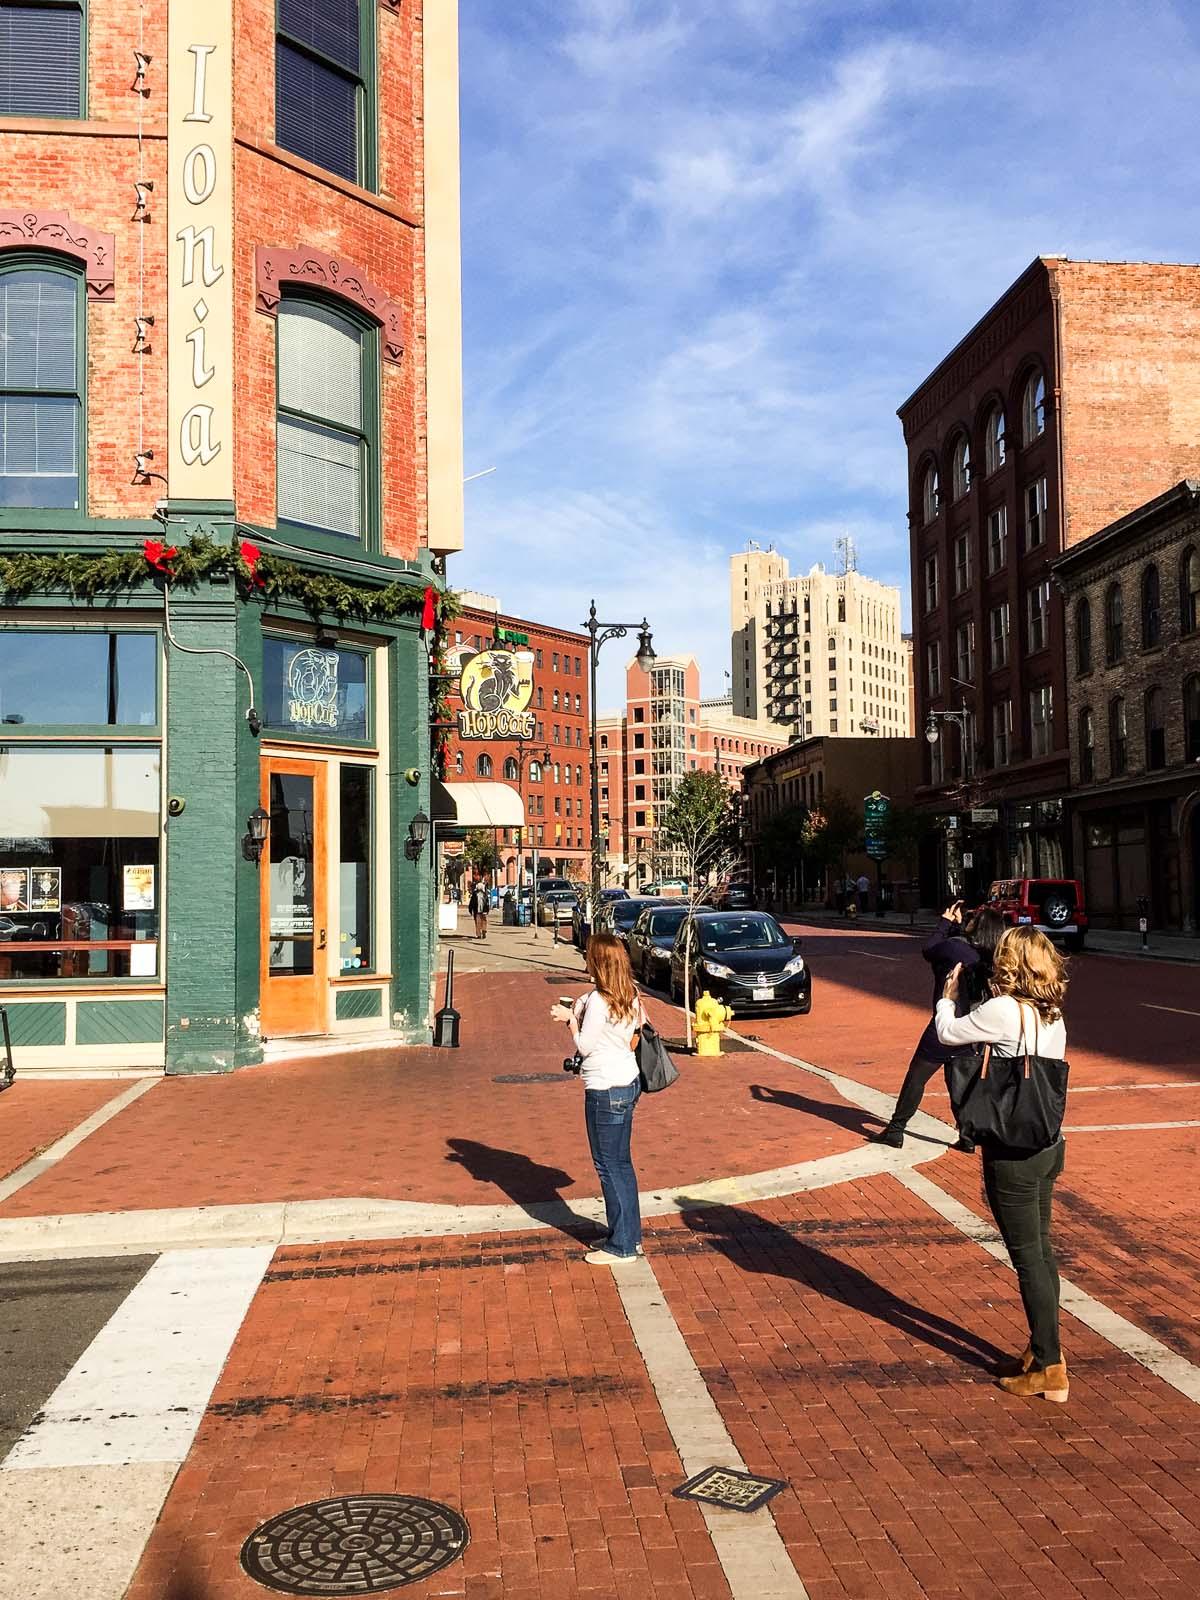 Breakfast Restaurants In Downtown Grand Rapids